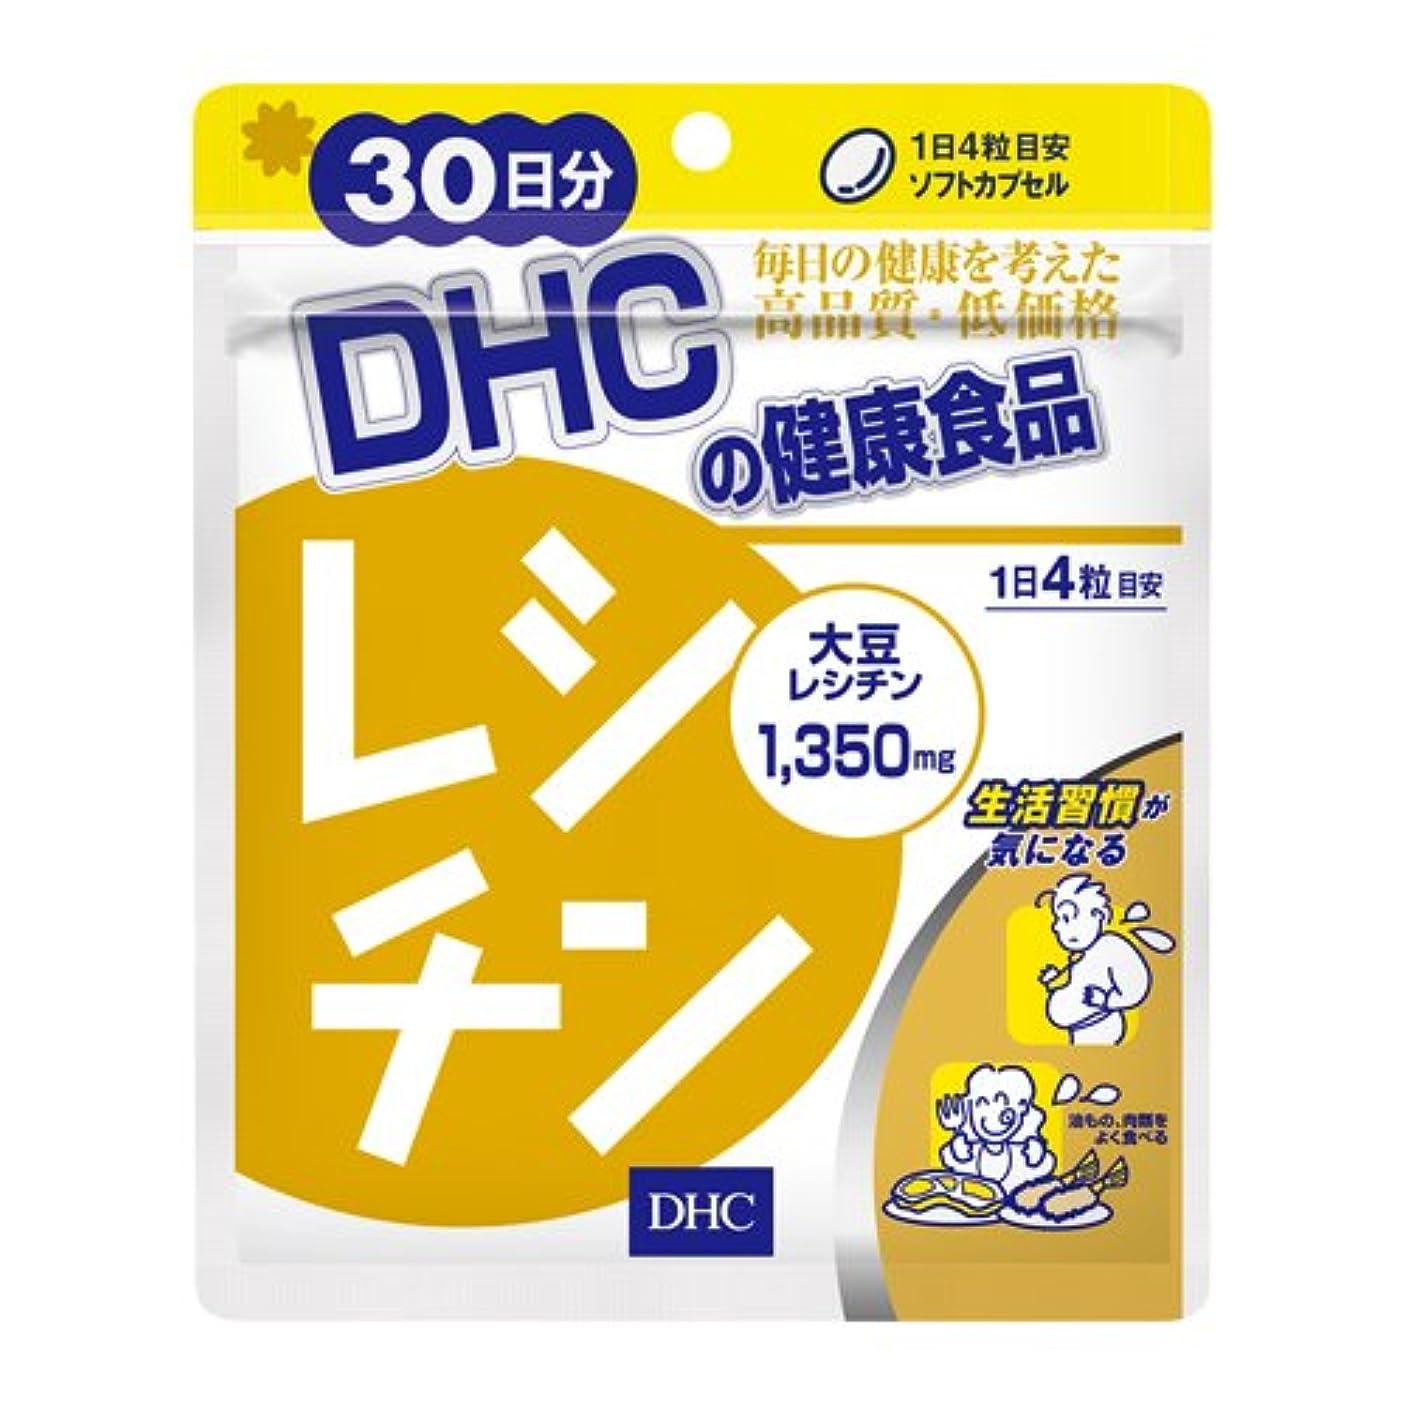 できた飢プラスチックDHC レシチン 30日分